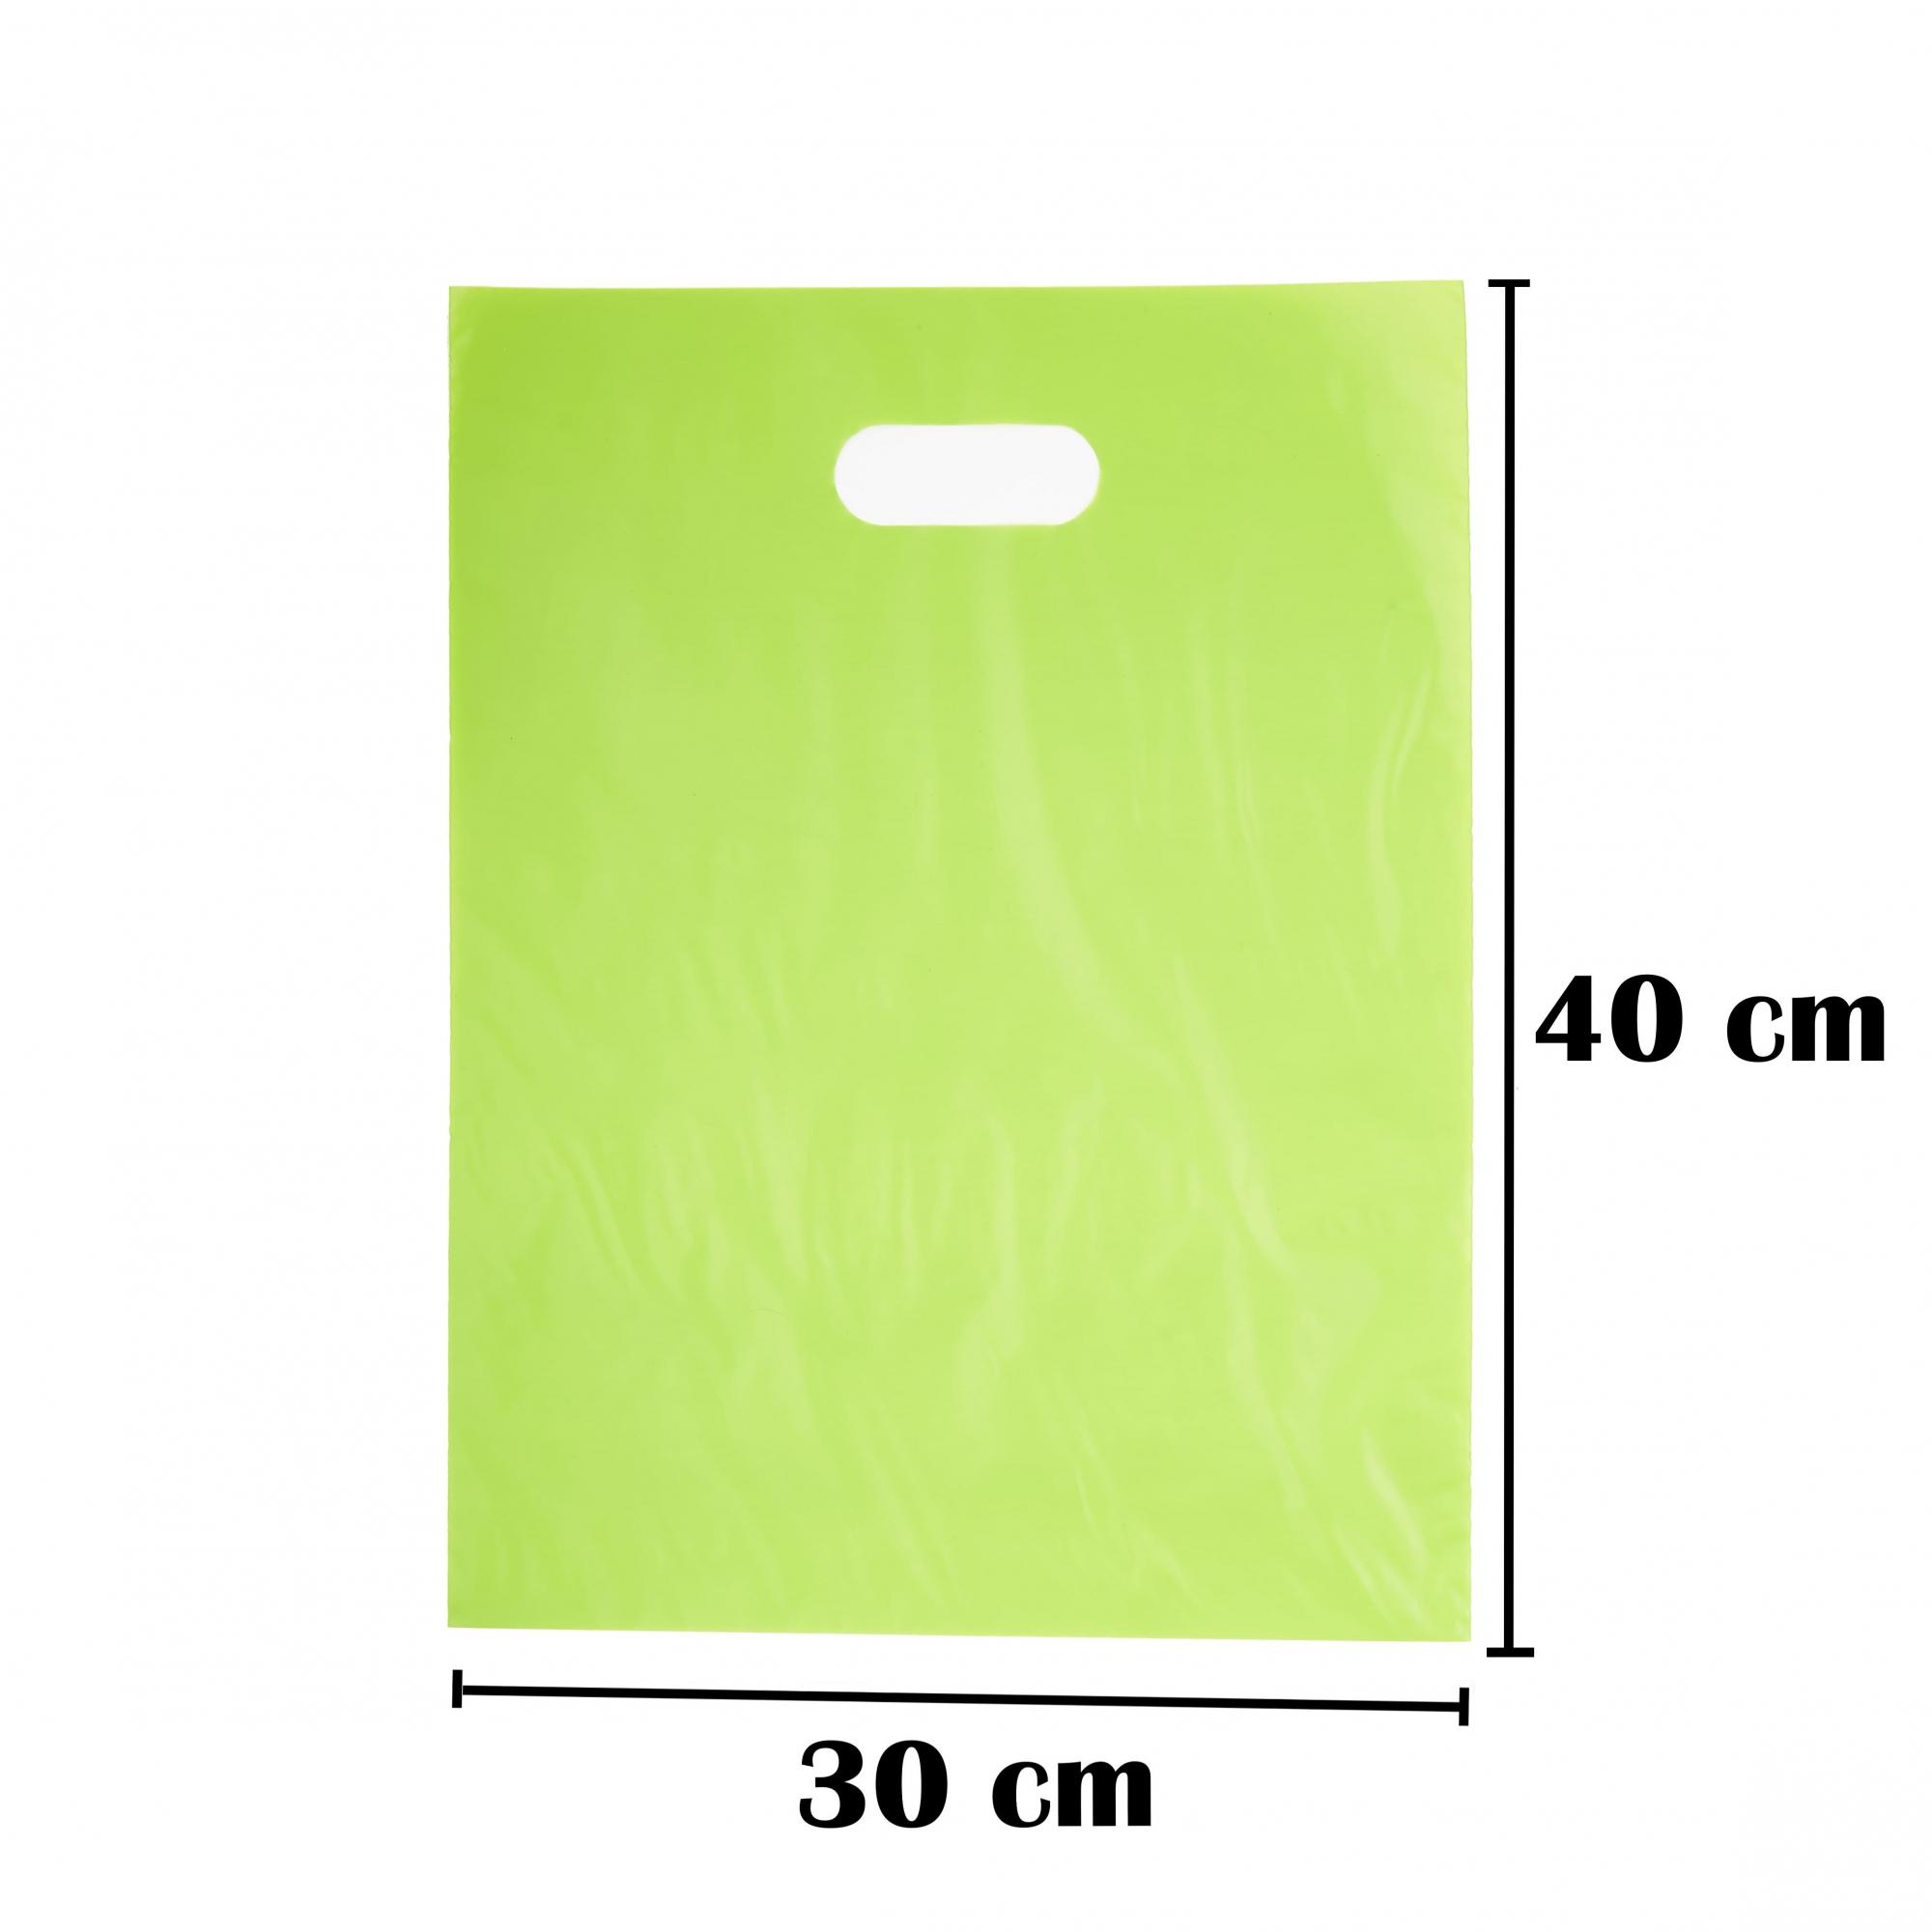 Sacola Plástica 30x40 Verde Alça Boca de Palhaço 1.000 Unidades